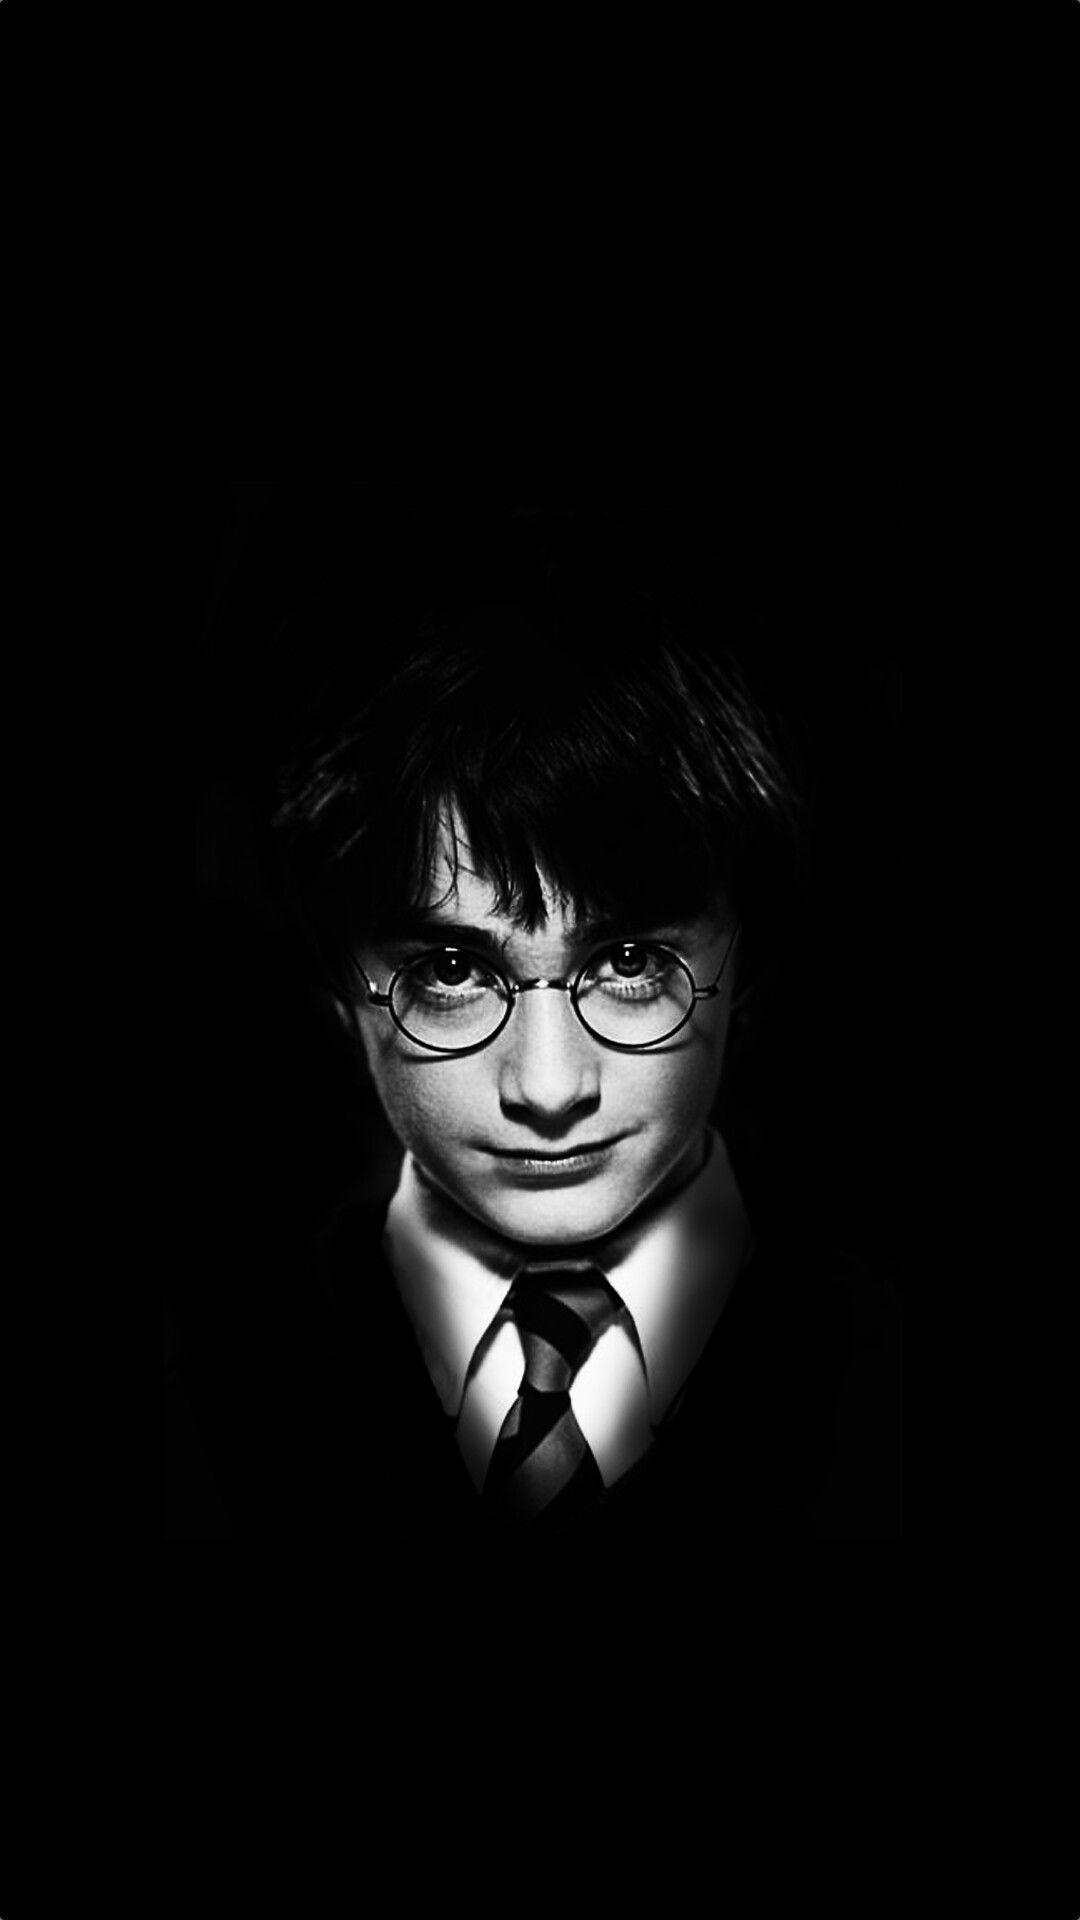 Download Wallpaper Harry Potter Black And White - 5641357b5ec0b29d6410281243a9af5d  Graphic_85837.jpg